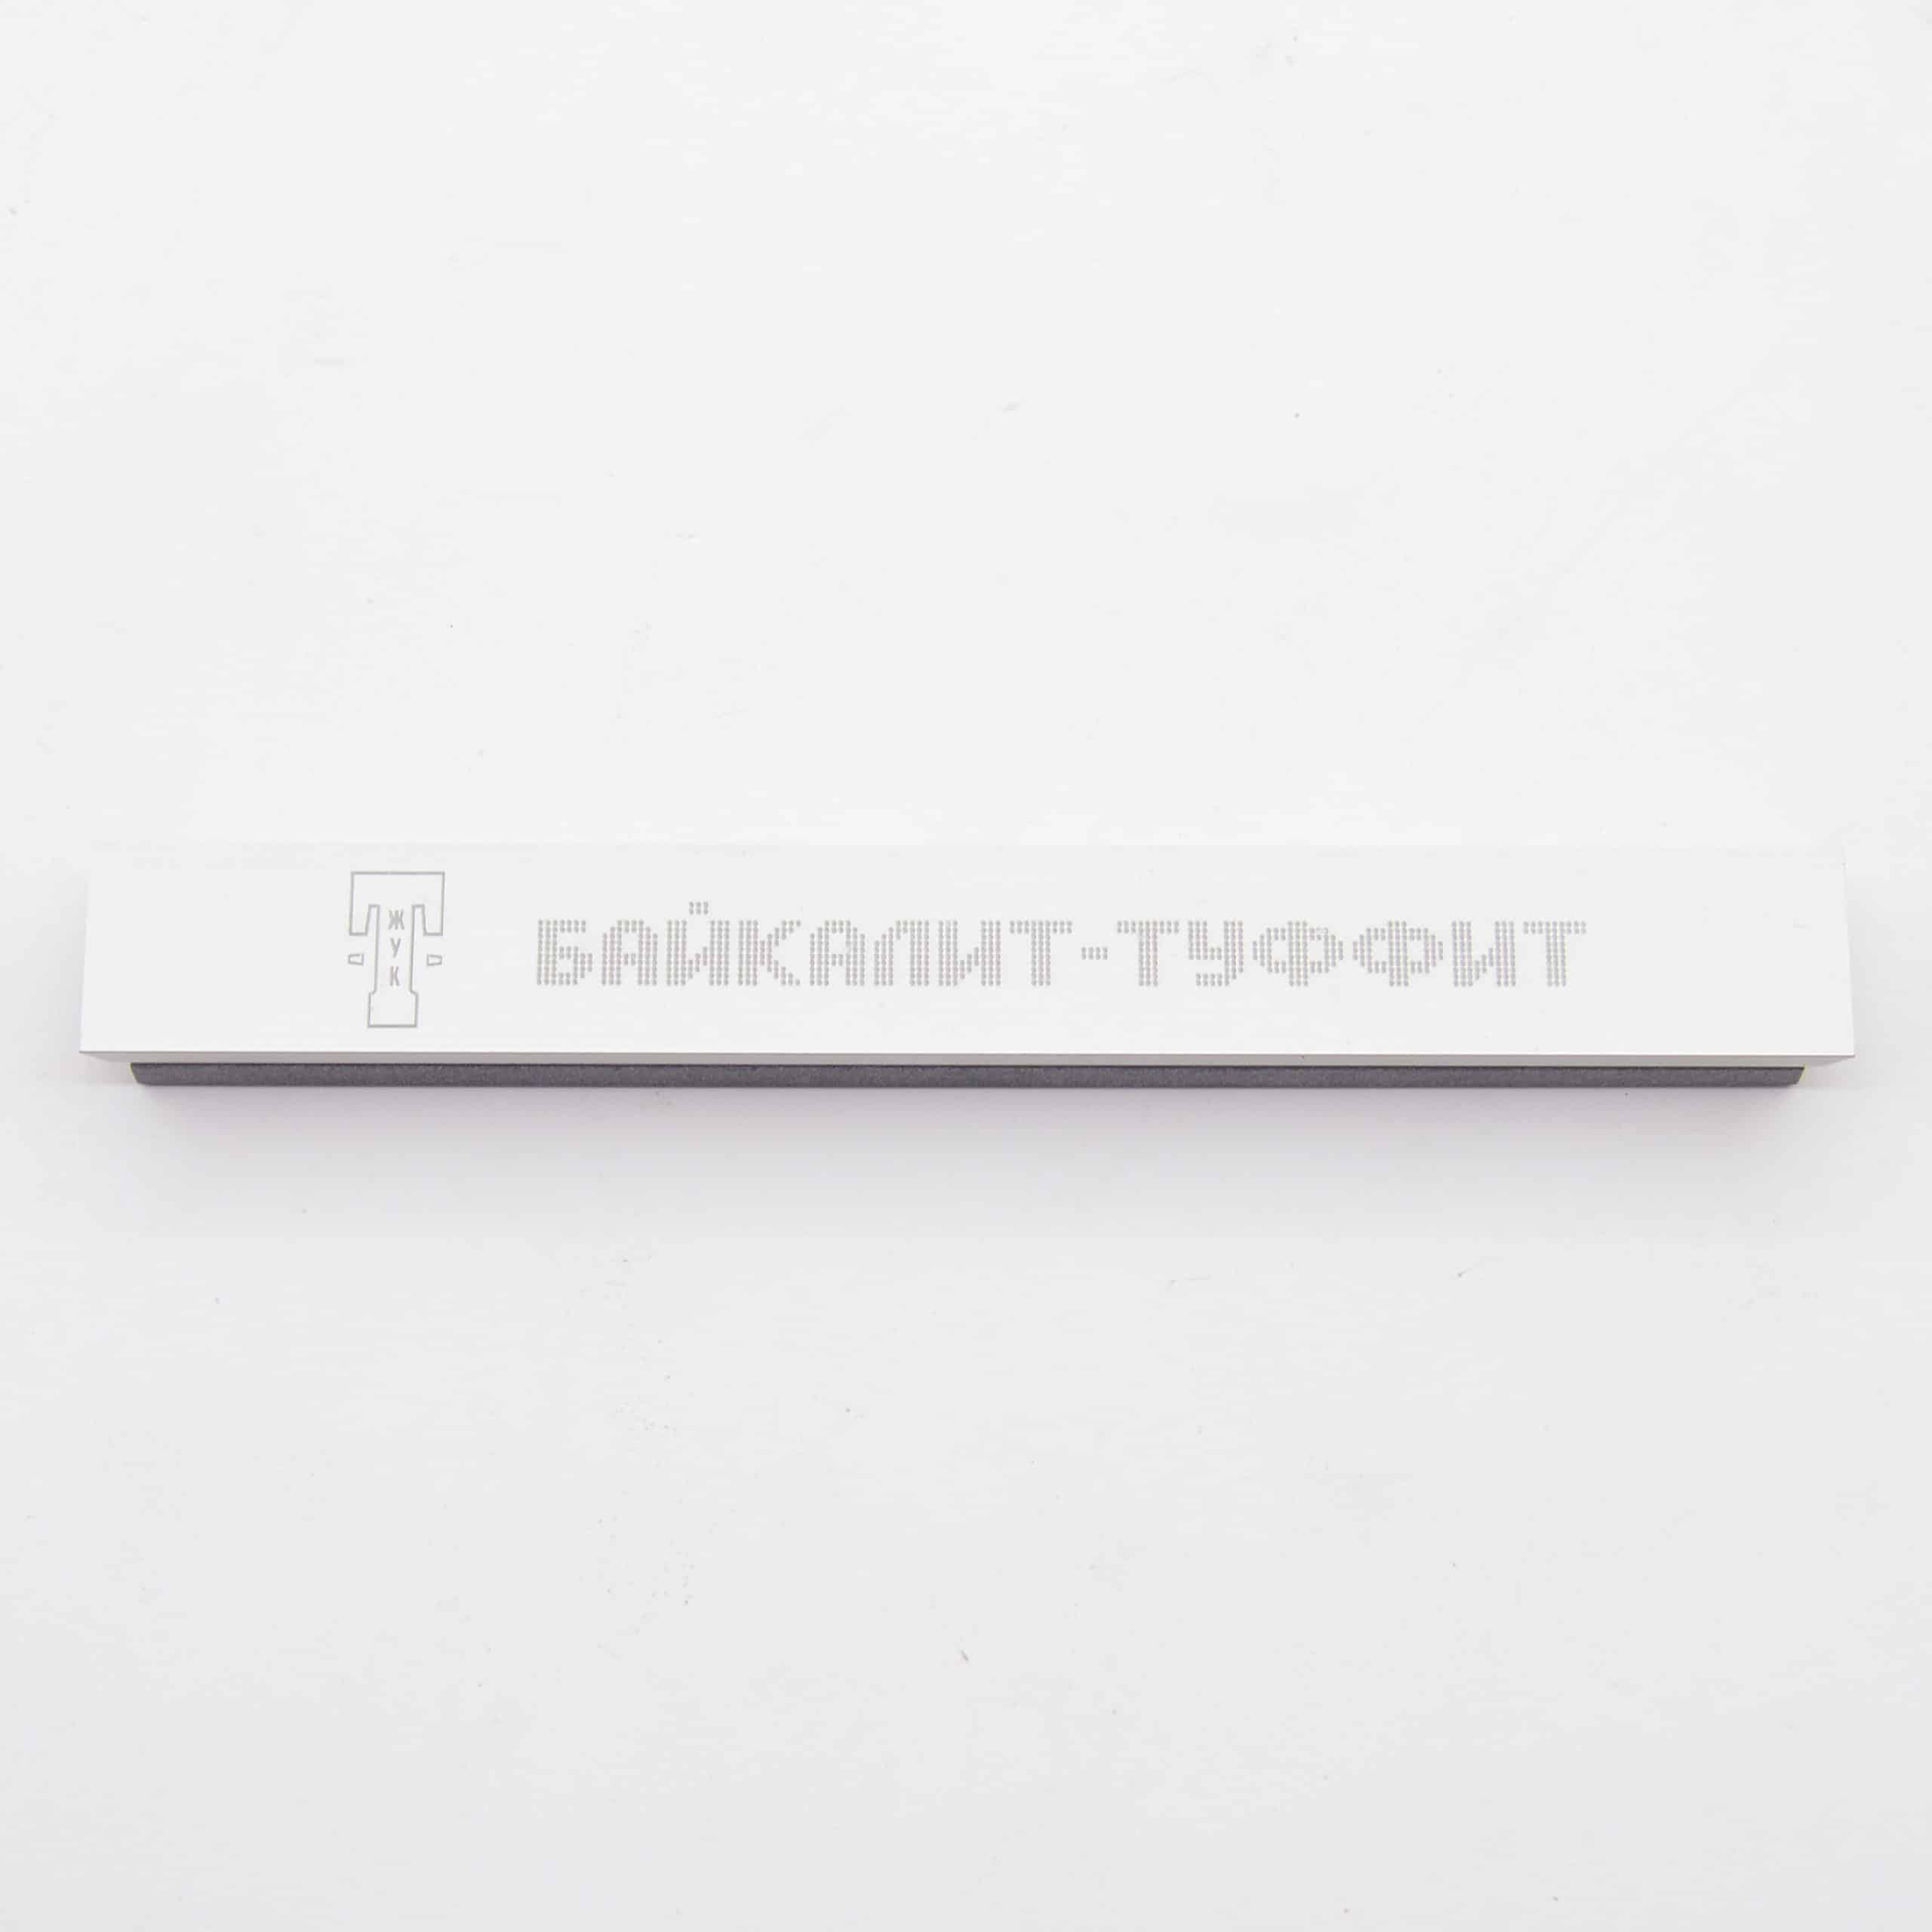 Точильный камень Жук 6000 grit Байкалит-Туффит 20мм - туристическое снаряжение в Минске. Фото �2